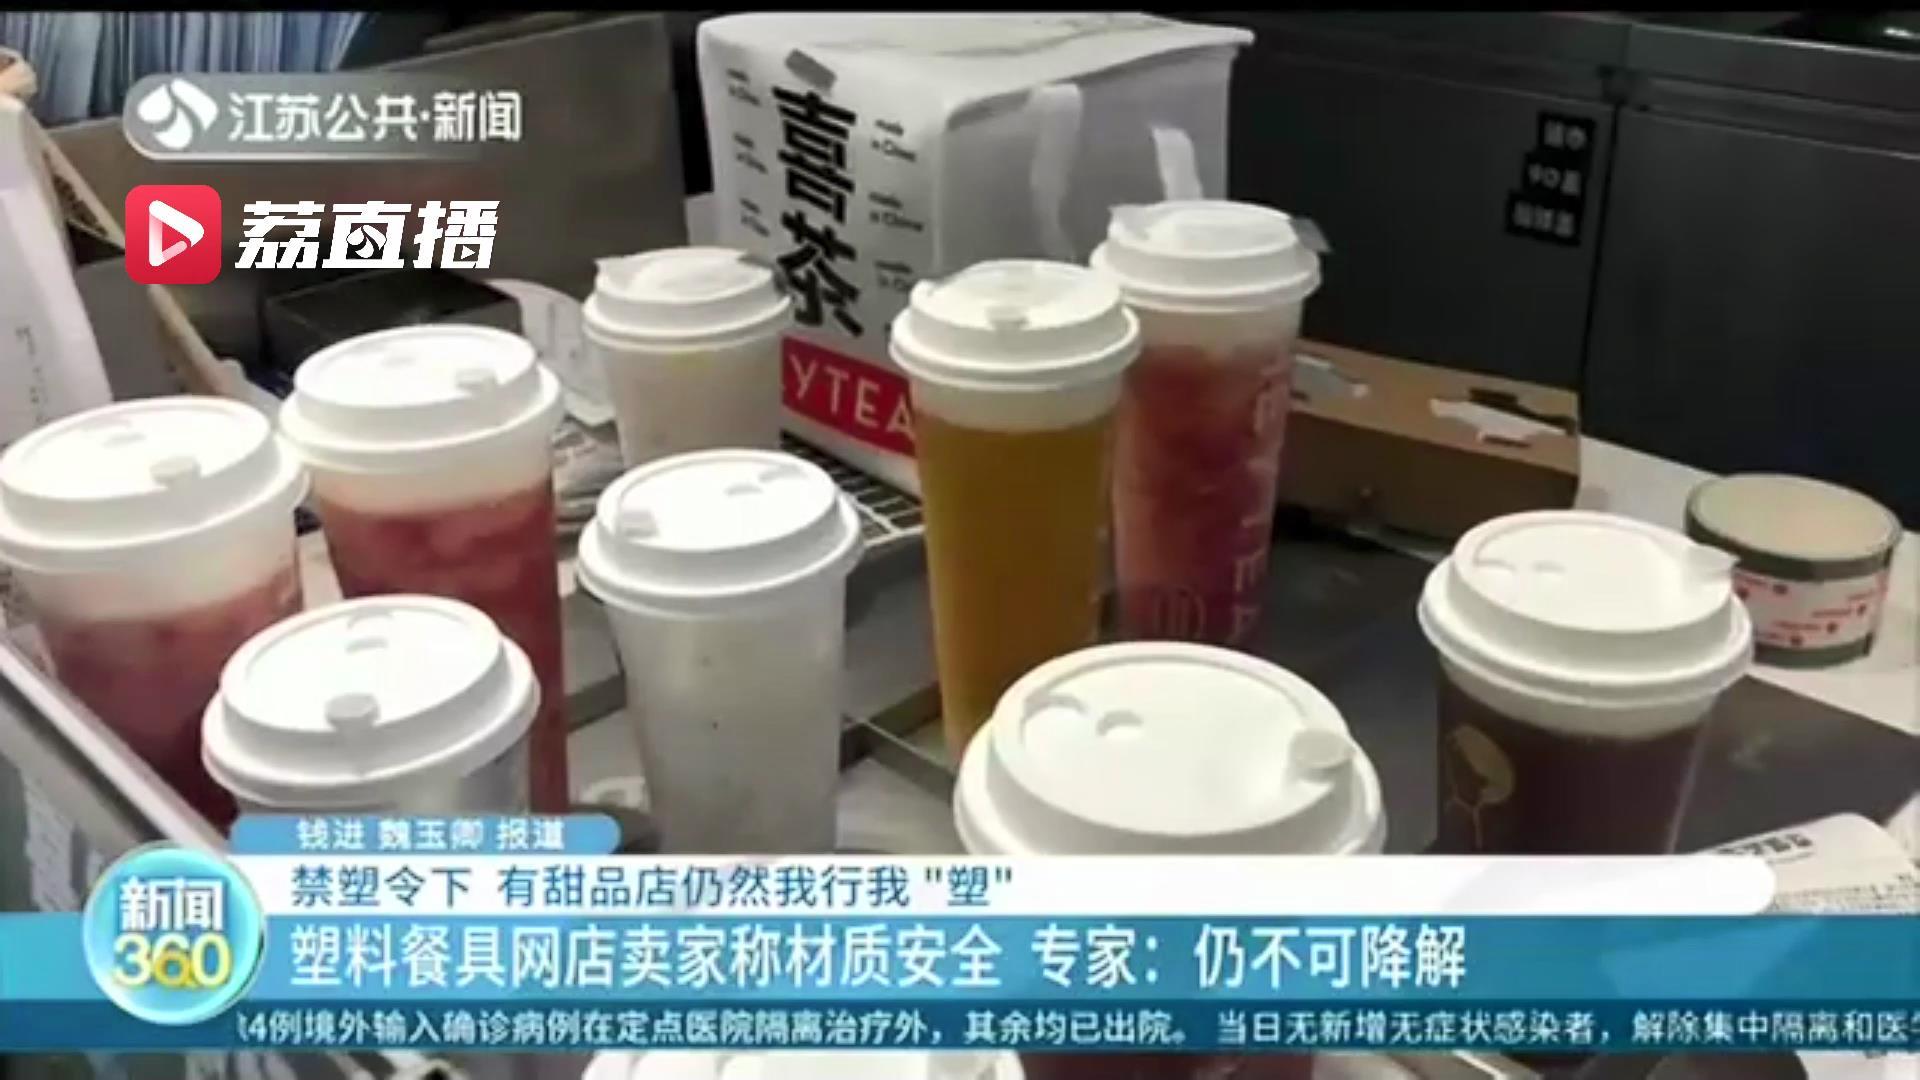 """禁塑令下仍然我行我""""塑""""塑料餐具在部门甜品店难被替代"""